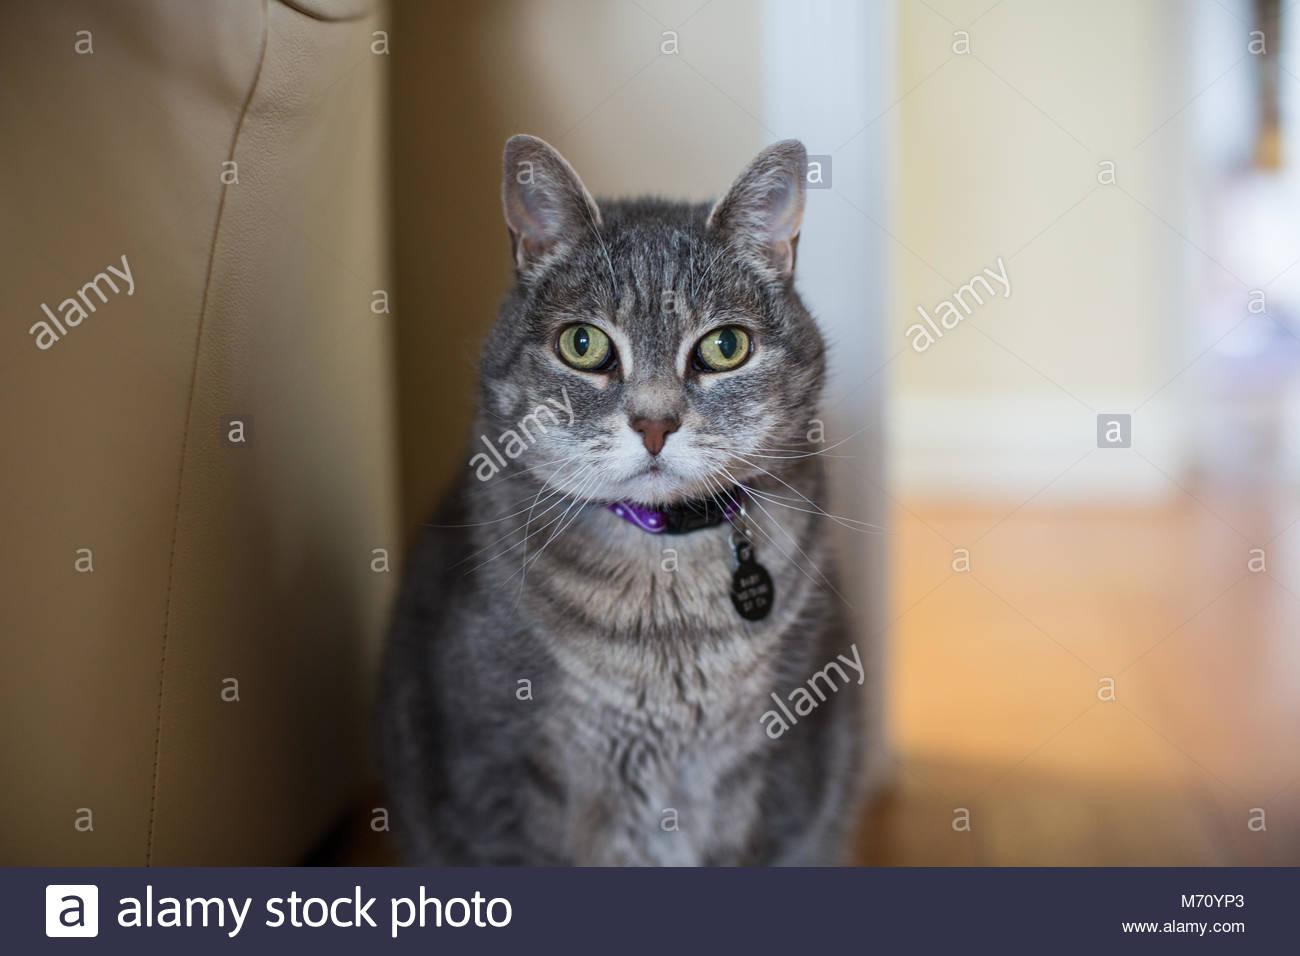 In der Nähe von Wall-eyed tabby Katze mit grünen Augen in Sitzung Stockbild